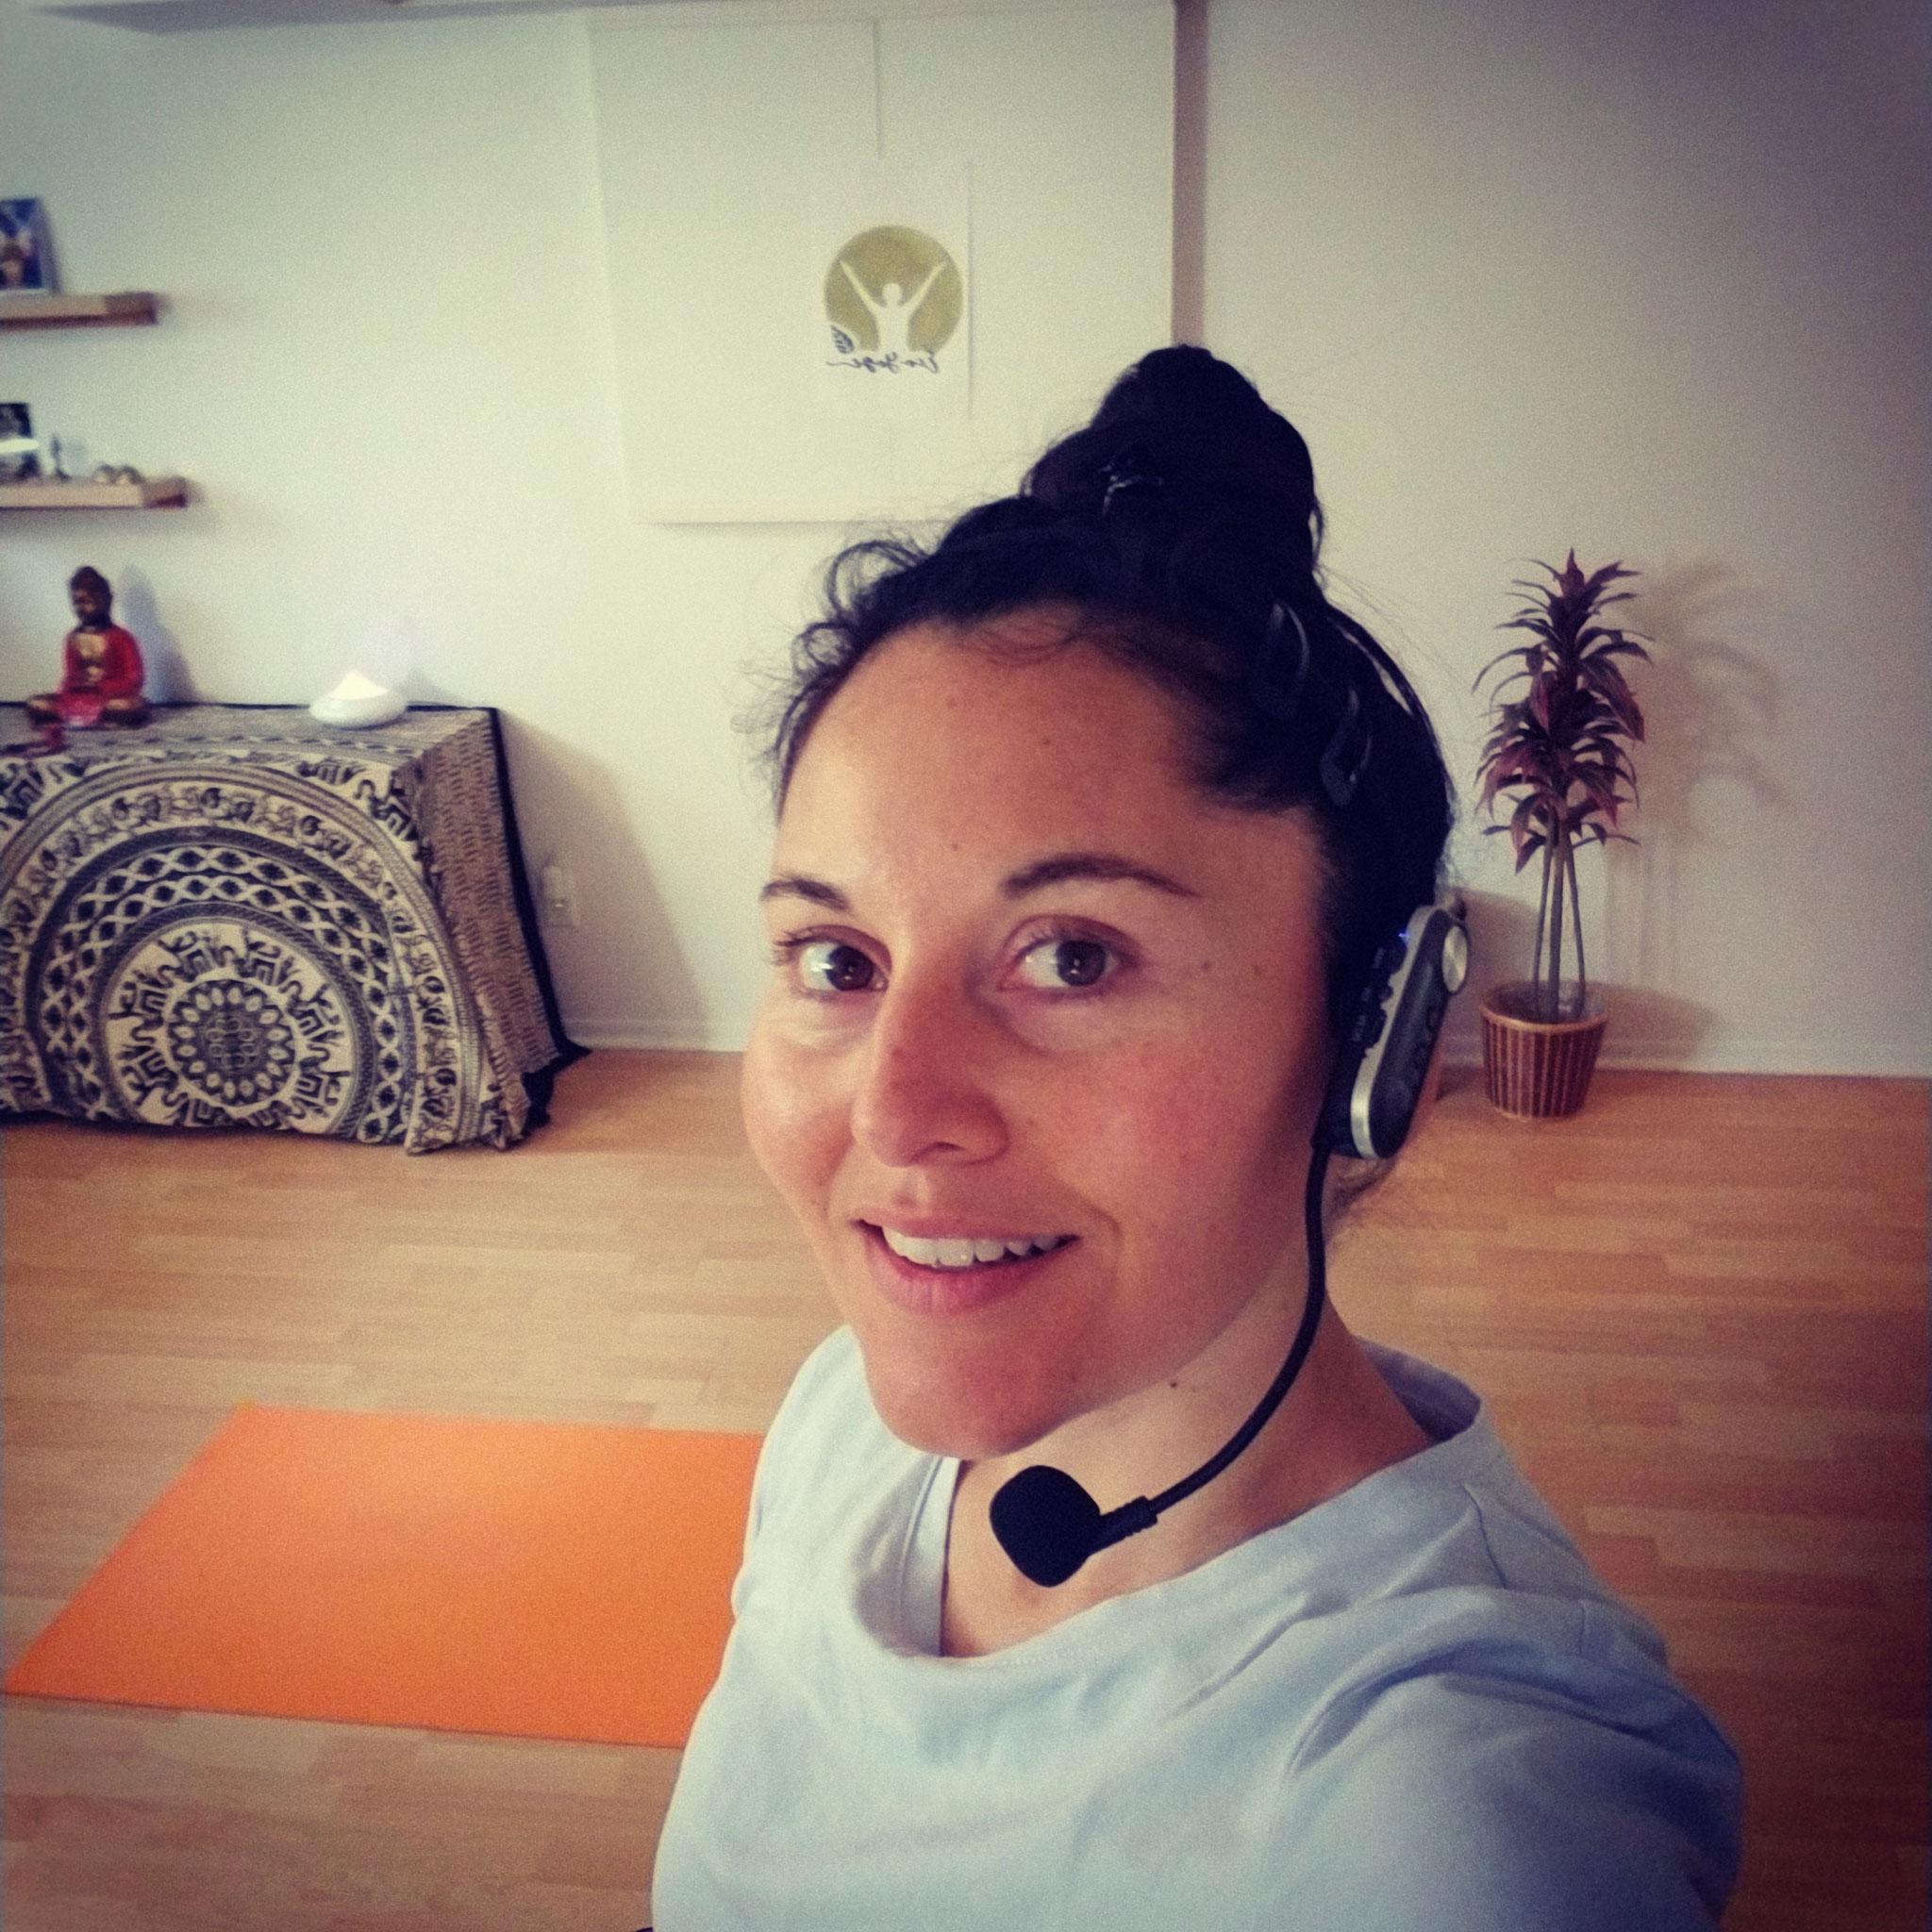 Cours de yoga en direct sur zoom